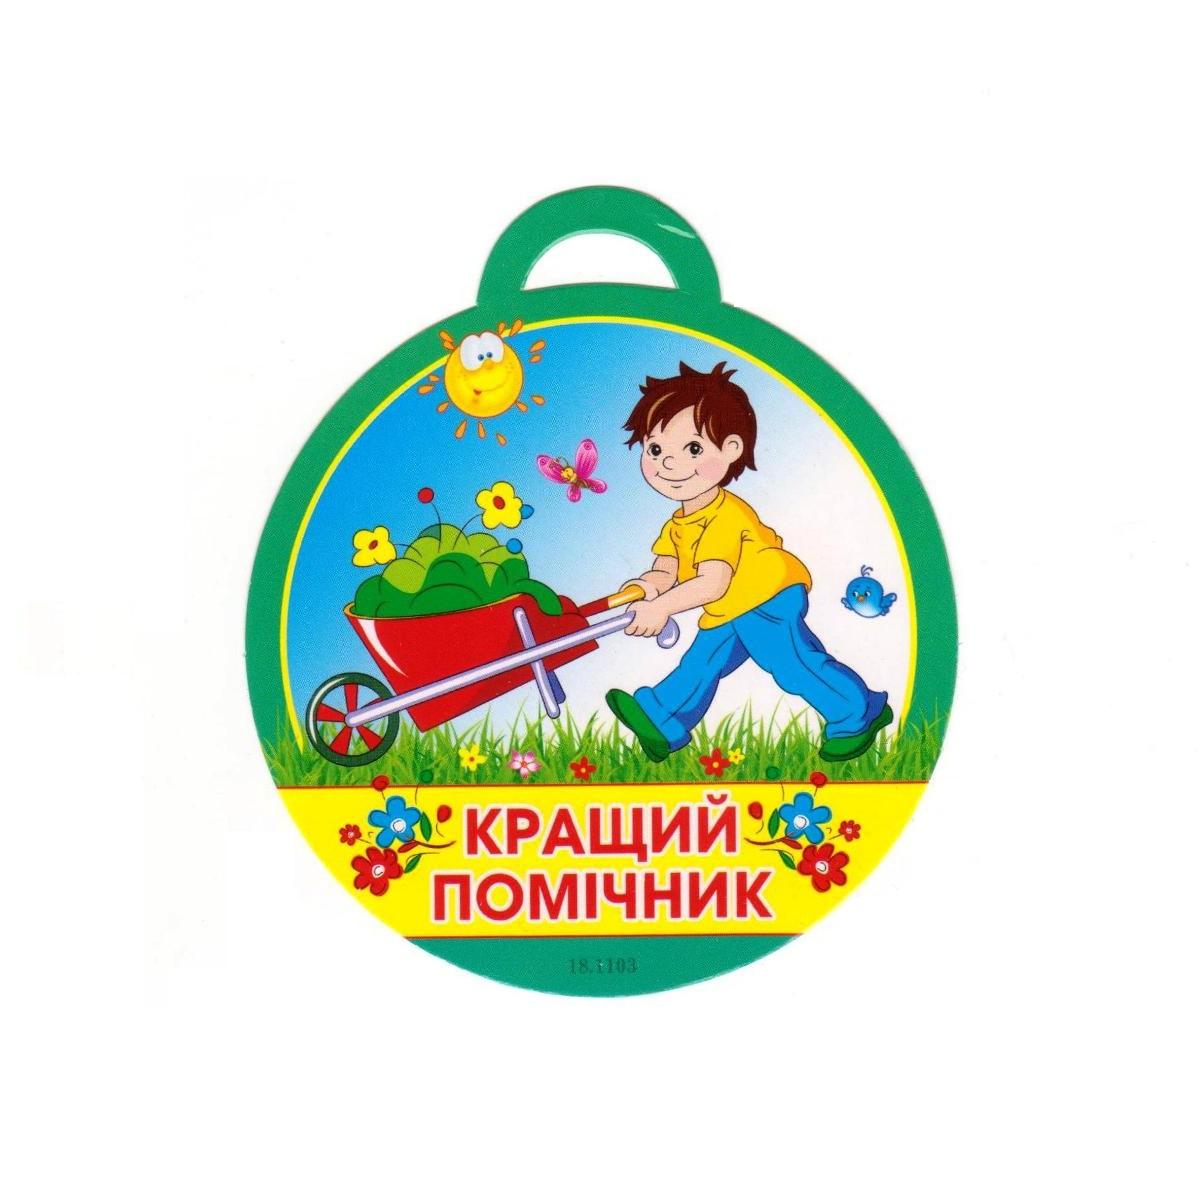 """Медаль """"Кращий помічник"""" 18.1103"""